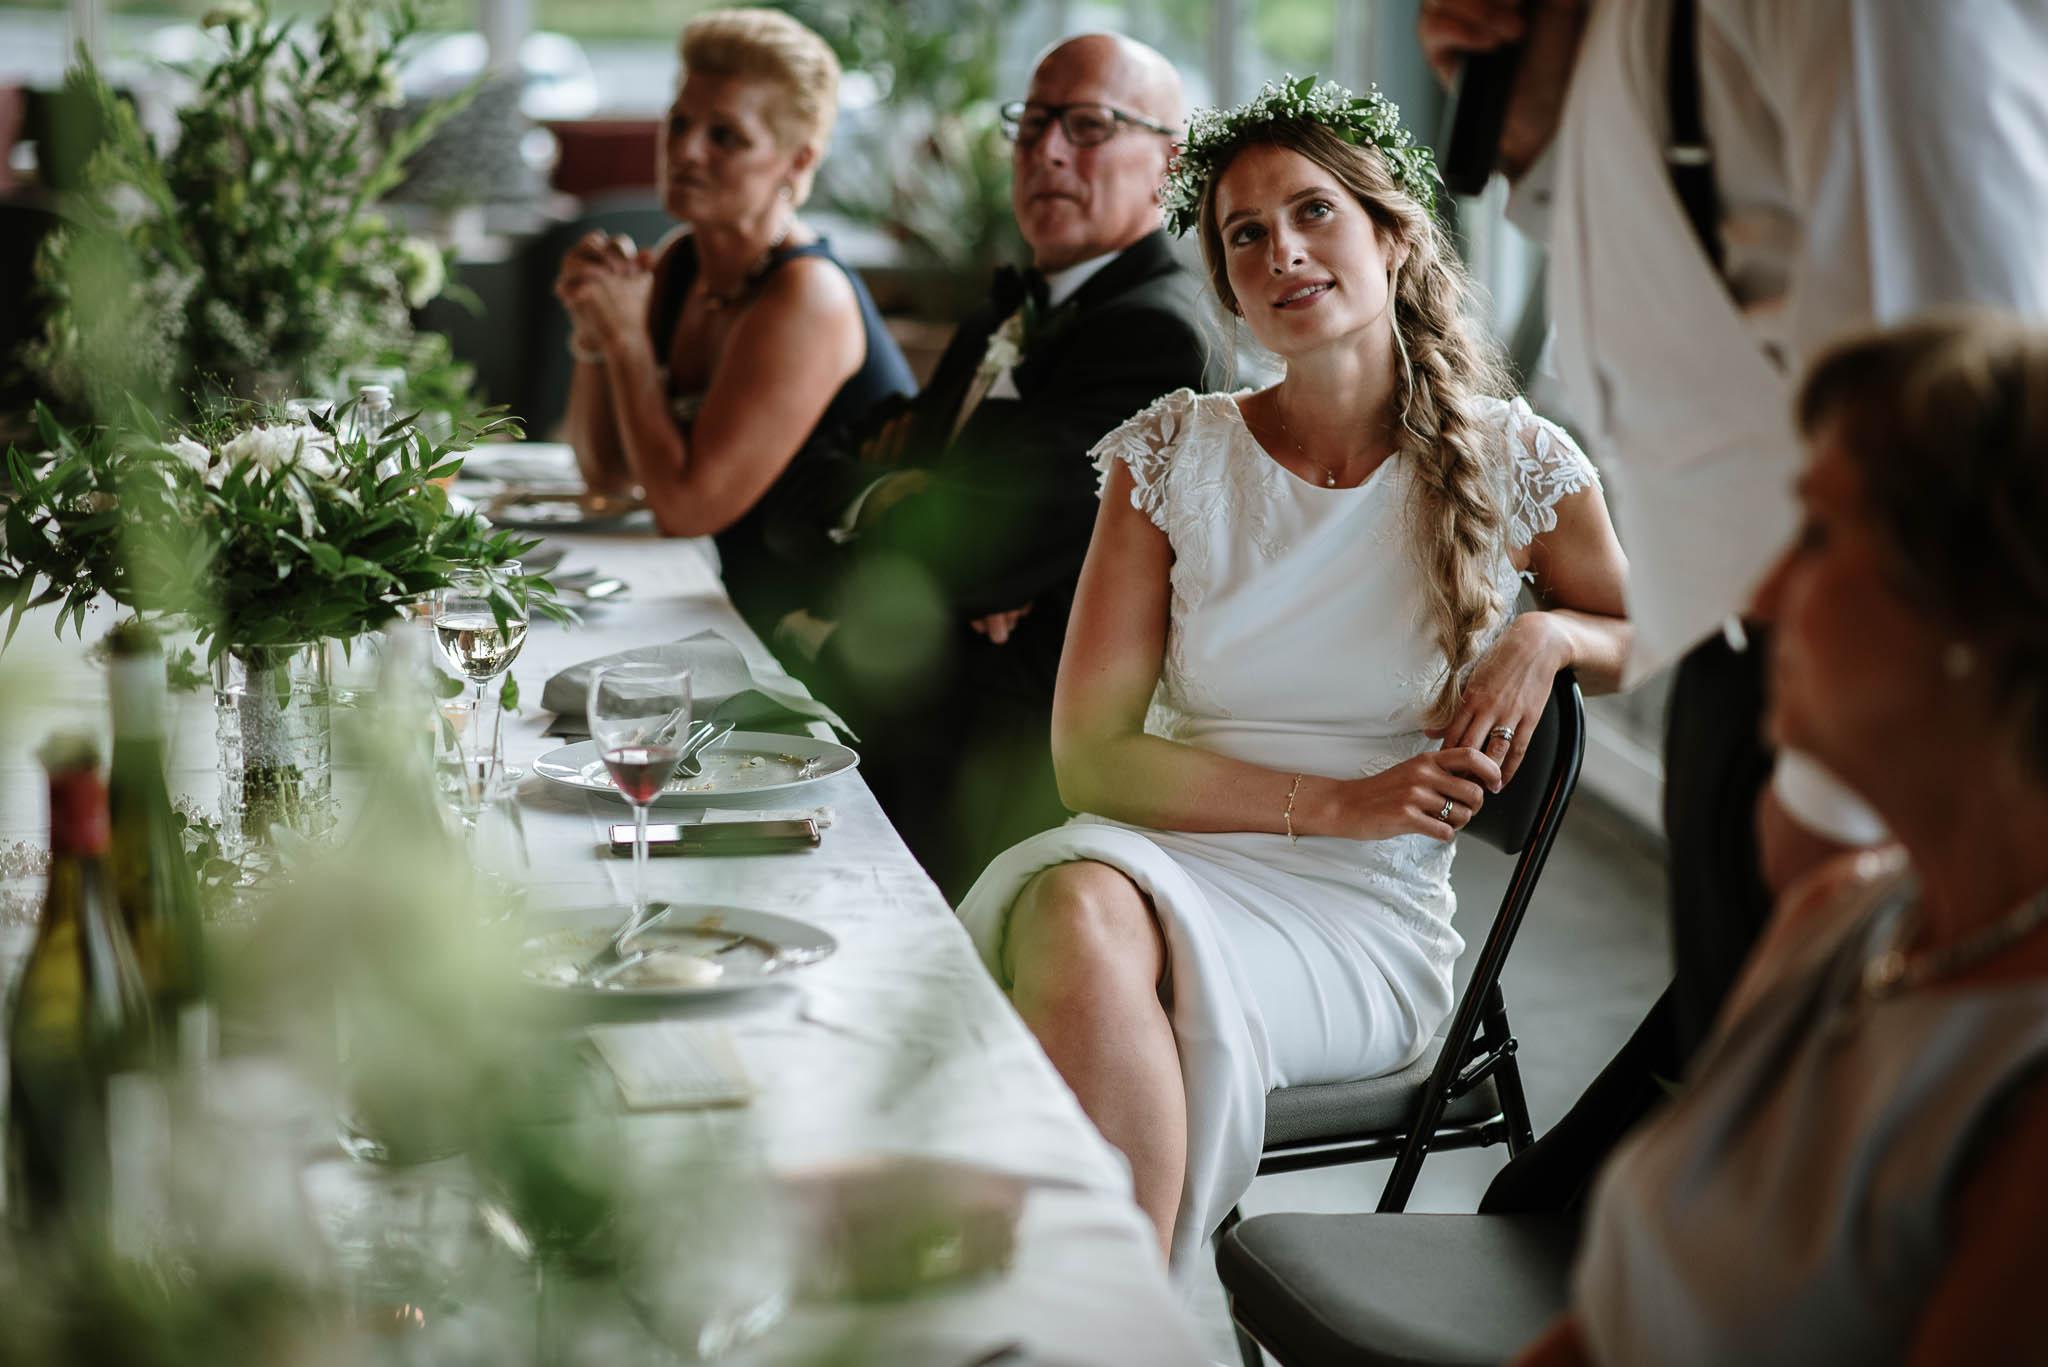 Bryllupsfotograf i Drammen - bryllup i Ålesund - Øygardshallen bryllup-87.jpg